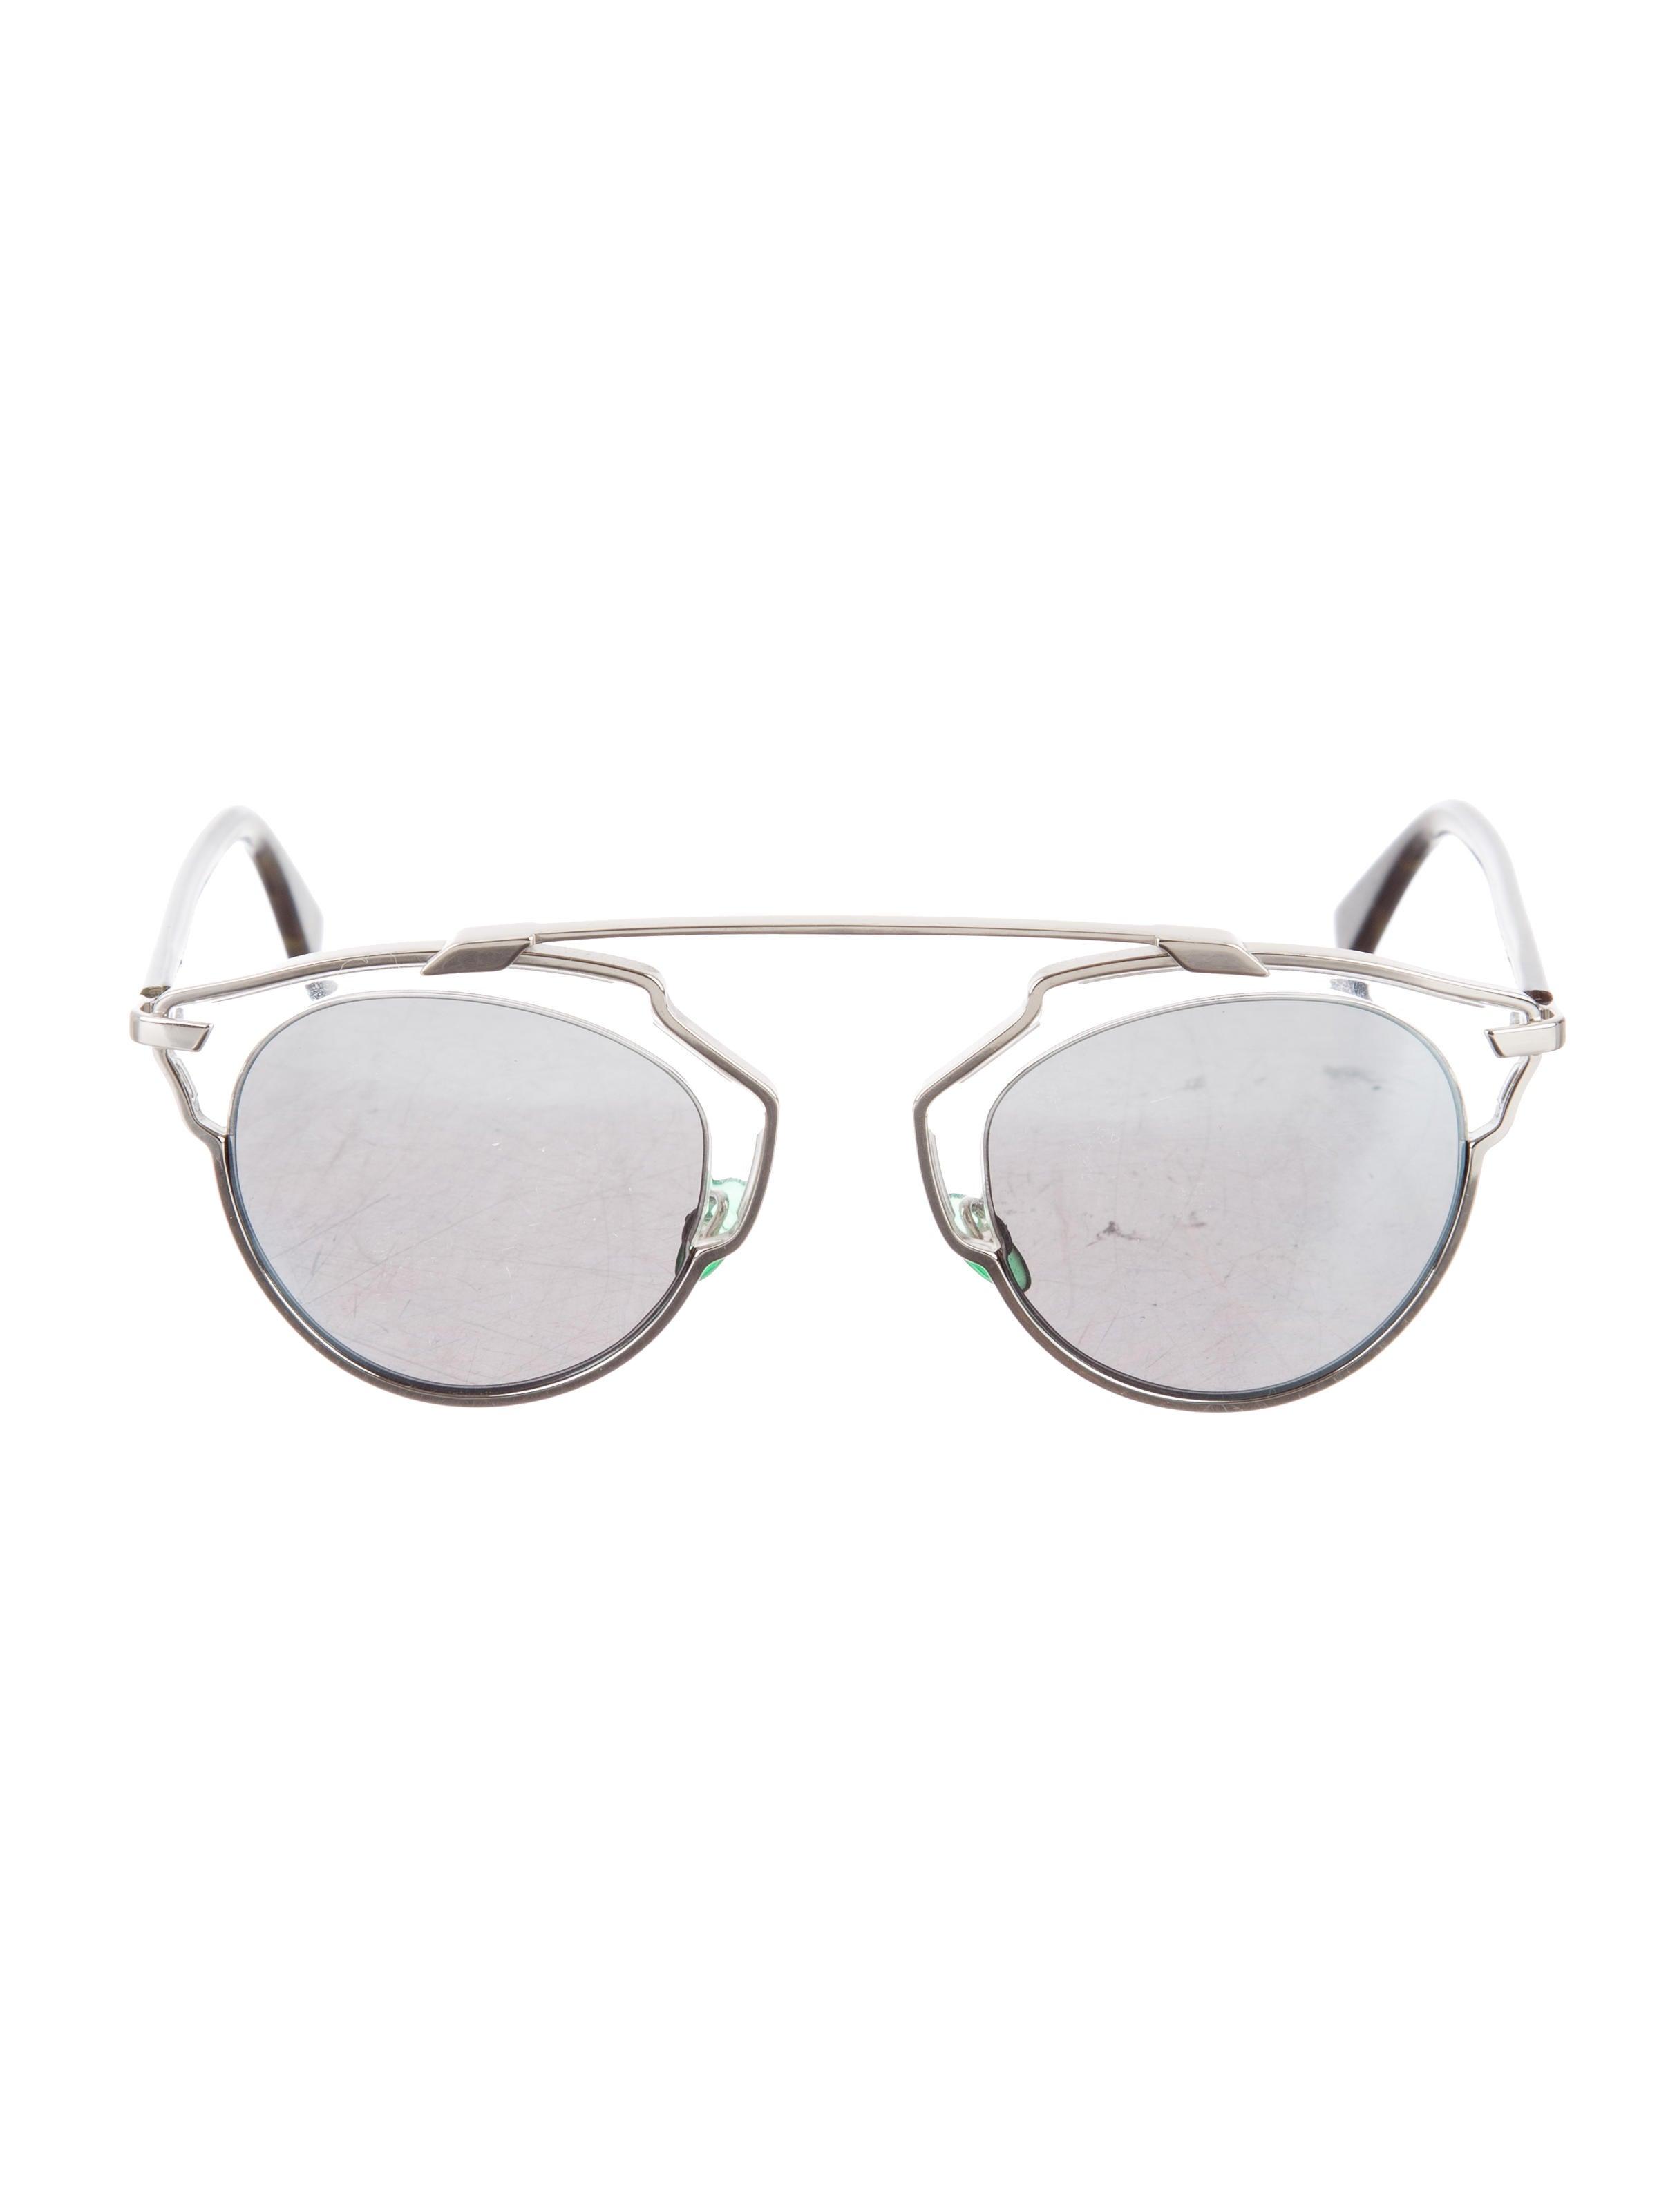 911f8ea25b638 Women · Accessories  Christian Dior So Real Reflective Sunglasses. So Real  Reflective Sunglasses